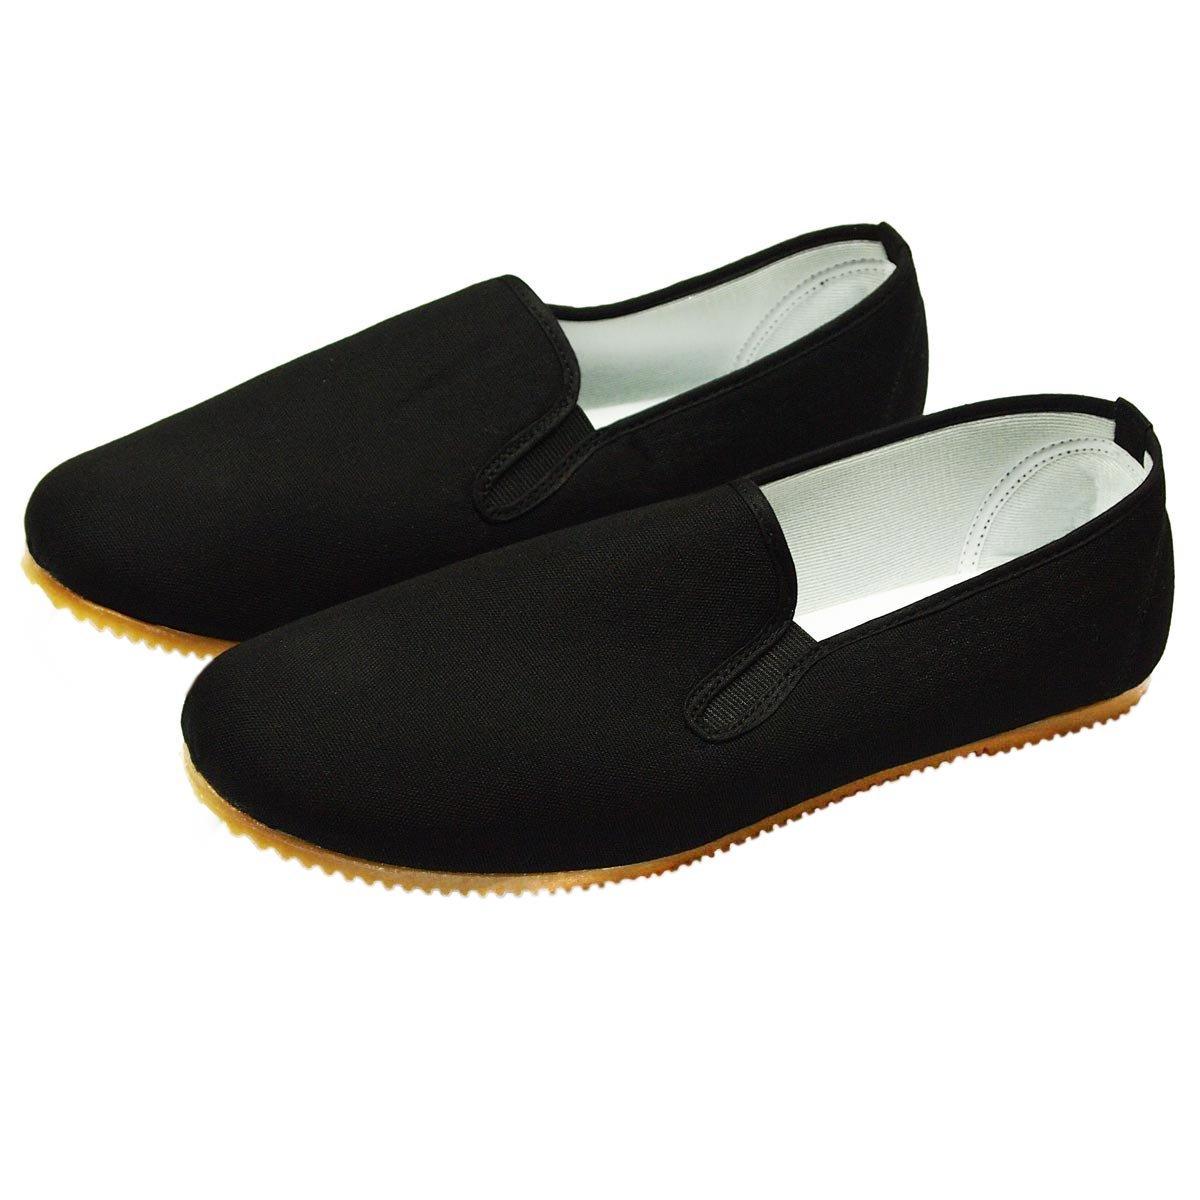 Kung Fu Zapatos con suela de goma clara DerShogun